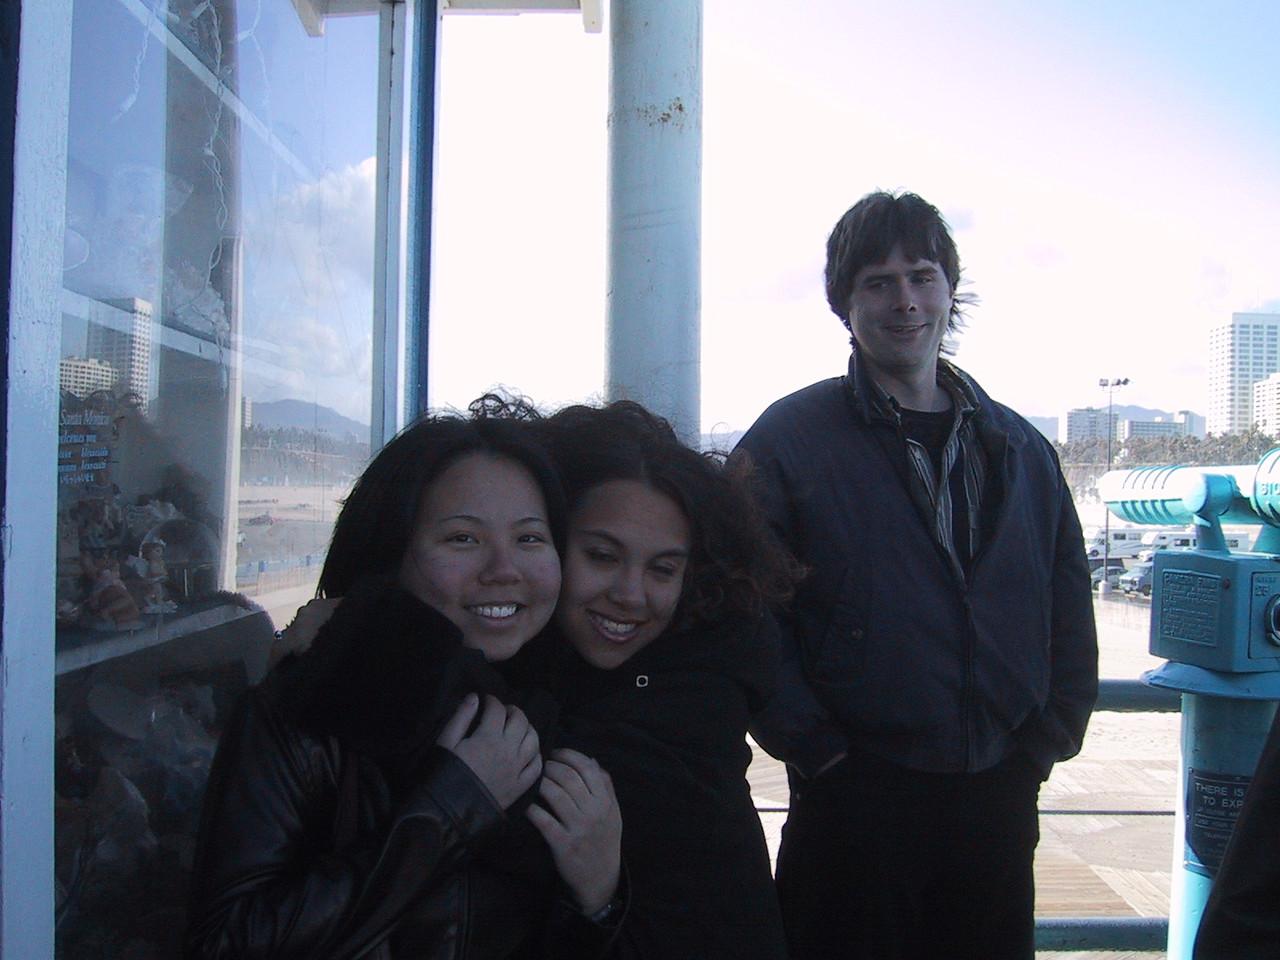 Xiao-Wei, Jackie, & Rhett on Santa Monica Pier